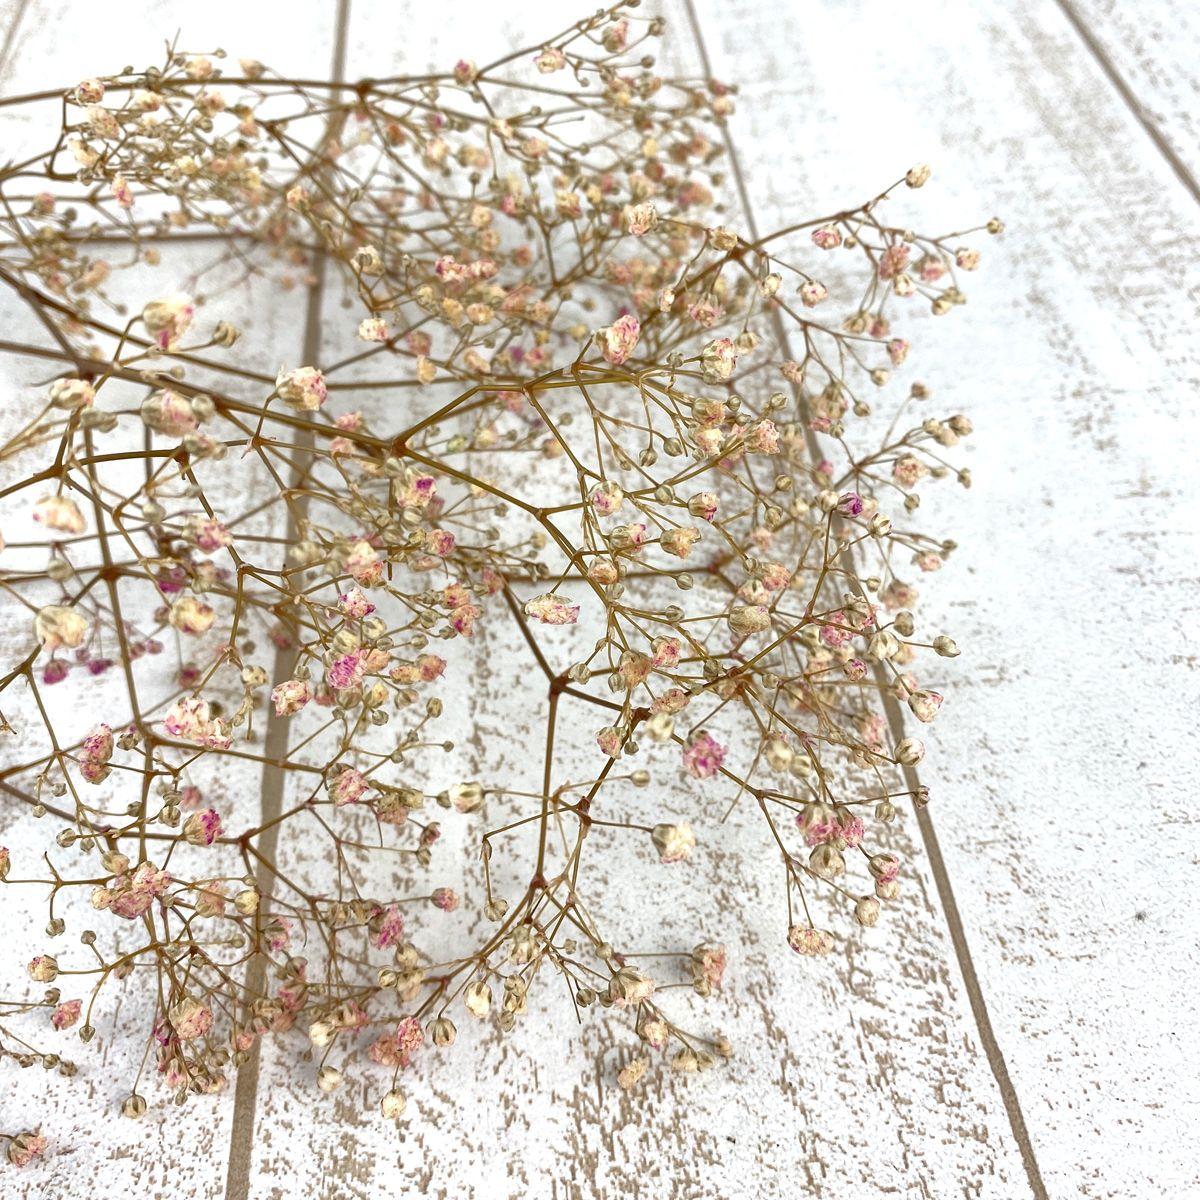 格安 プリザーブドフラワー プリザーブドフラワー花材 カスミ草 メイルオーダー 手作り 材料 即日 約25g入り プリザーブド ヴェルモント バイオレットピンク 13728